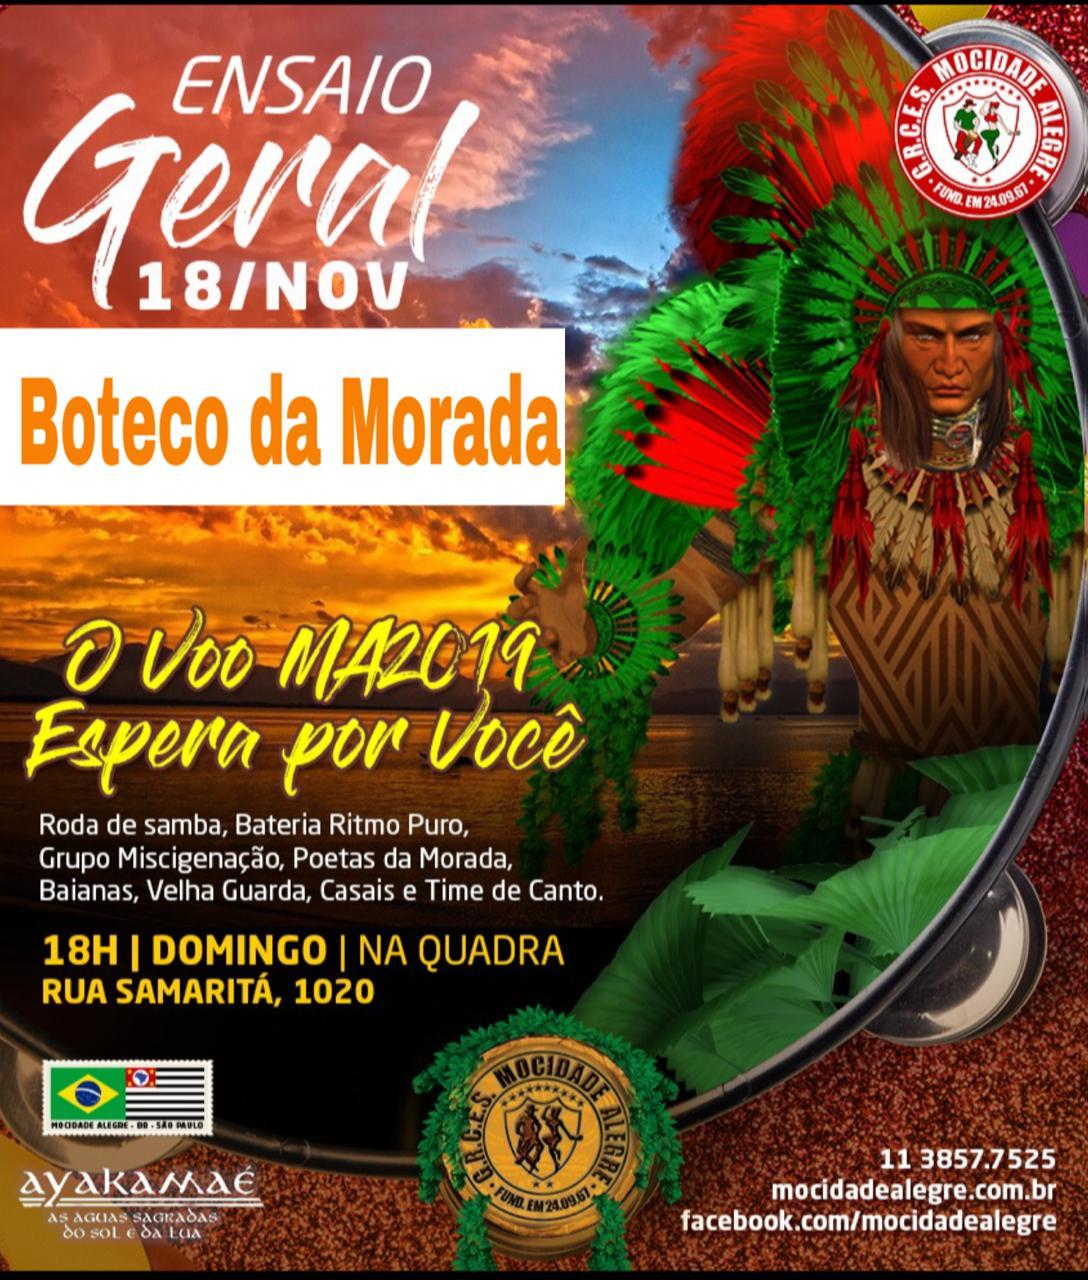 BOTECO - ENSAIO GERAL 18/11   - Mocidade Alegre